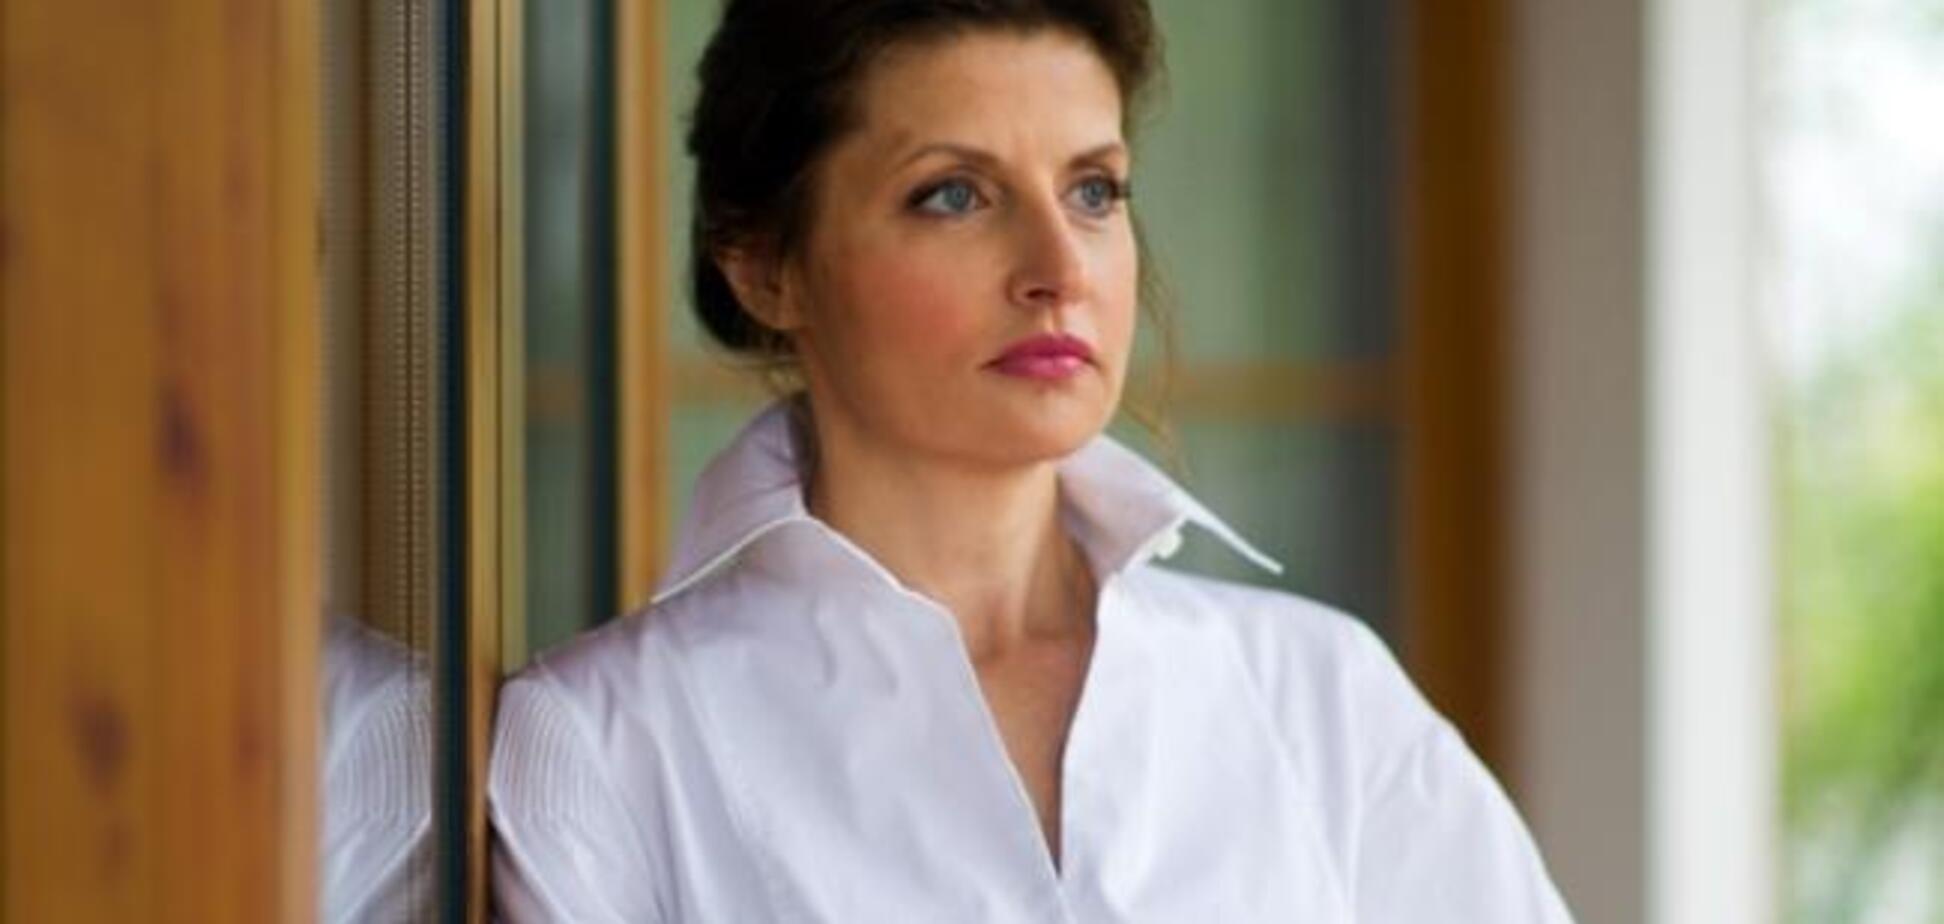 'Первая леди на заправке': сеть обсуждает фото супруги Порошенко